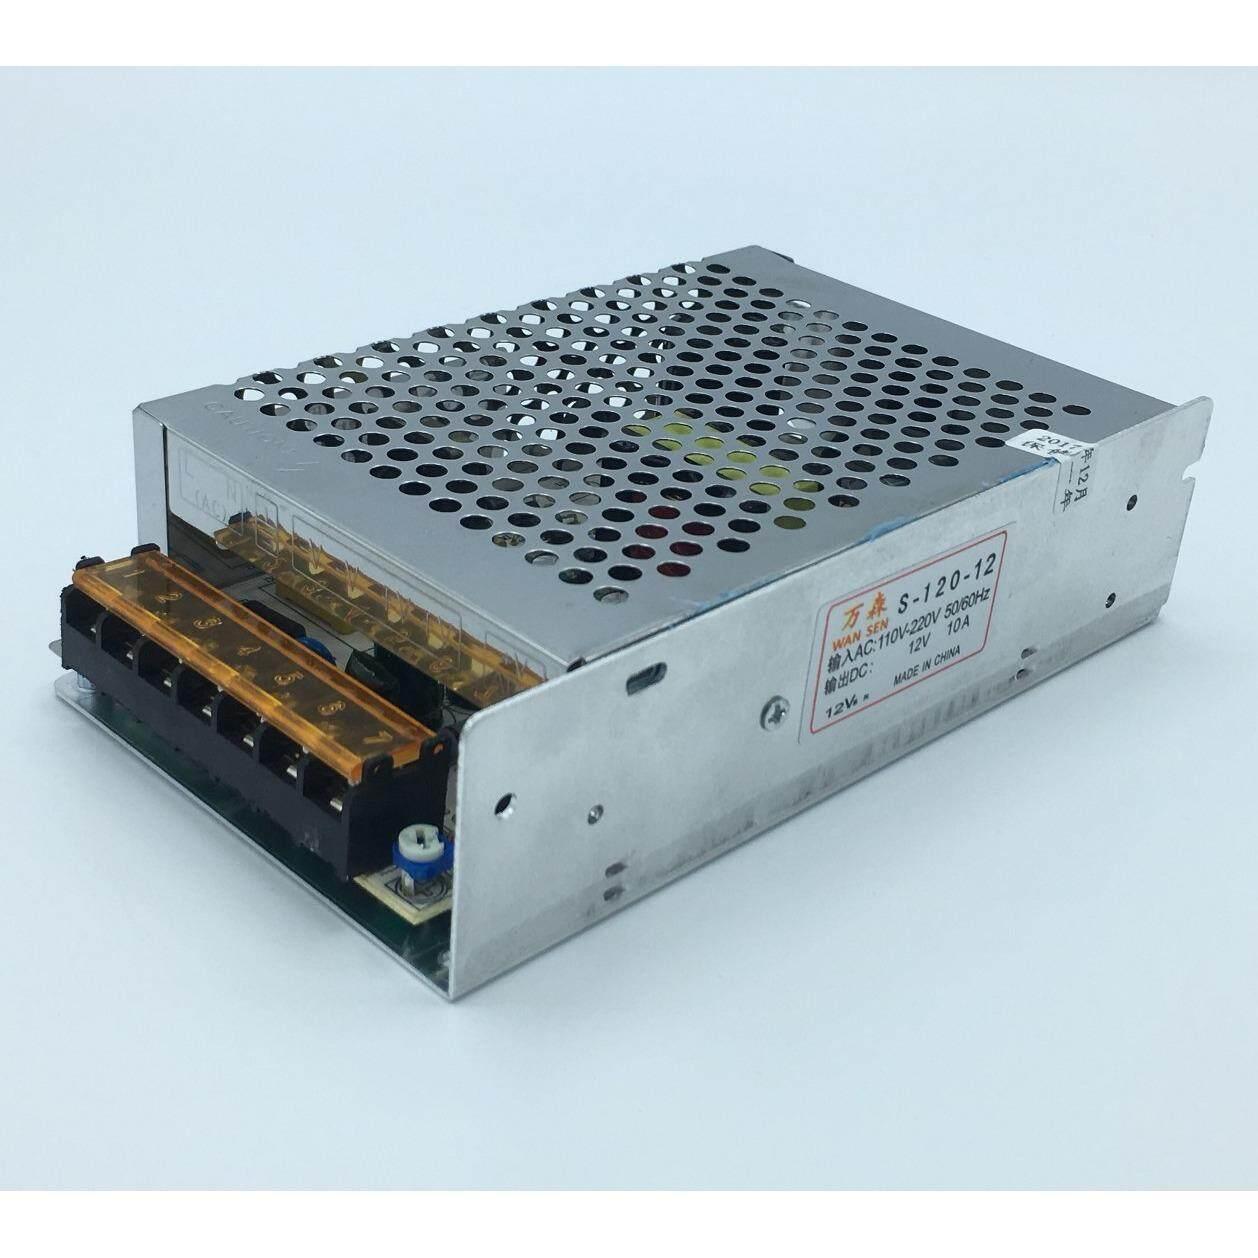 ขาย หม้อแปลงไฟฟ้าสวิทชิ่ง 220Vac 12Vdc 10A 120W 7 ช่องPower Supply Switching Oem Taiwan ถูก